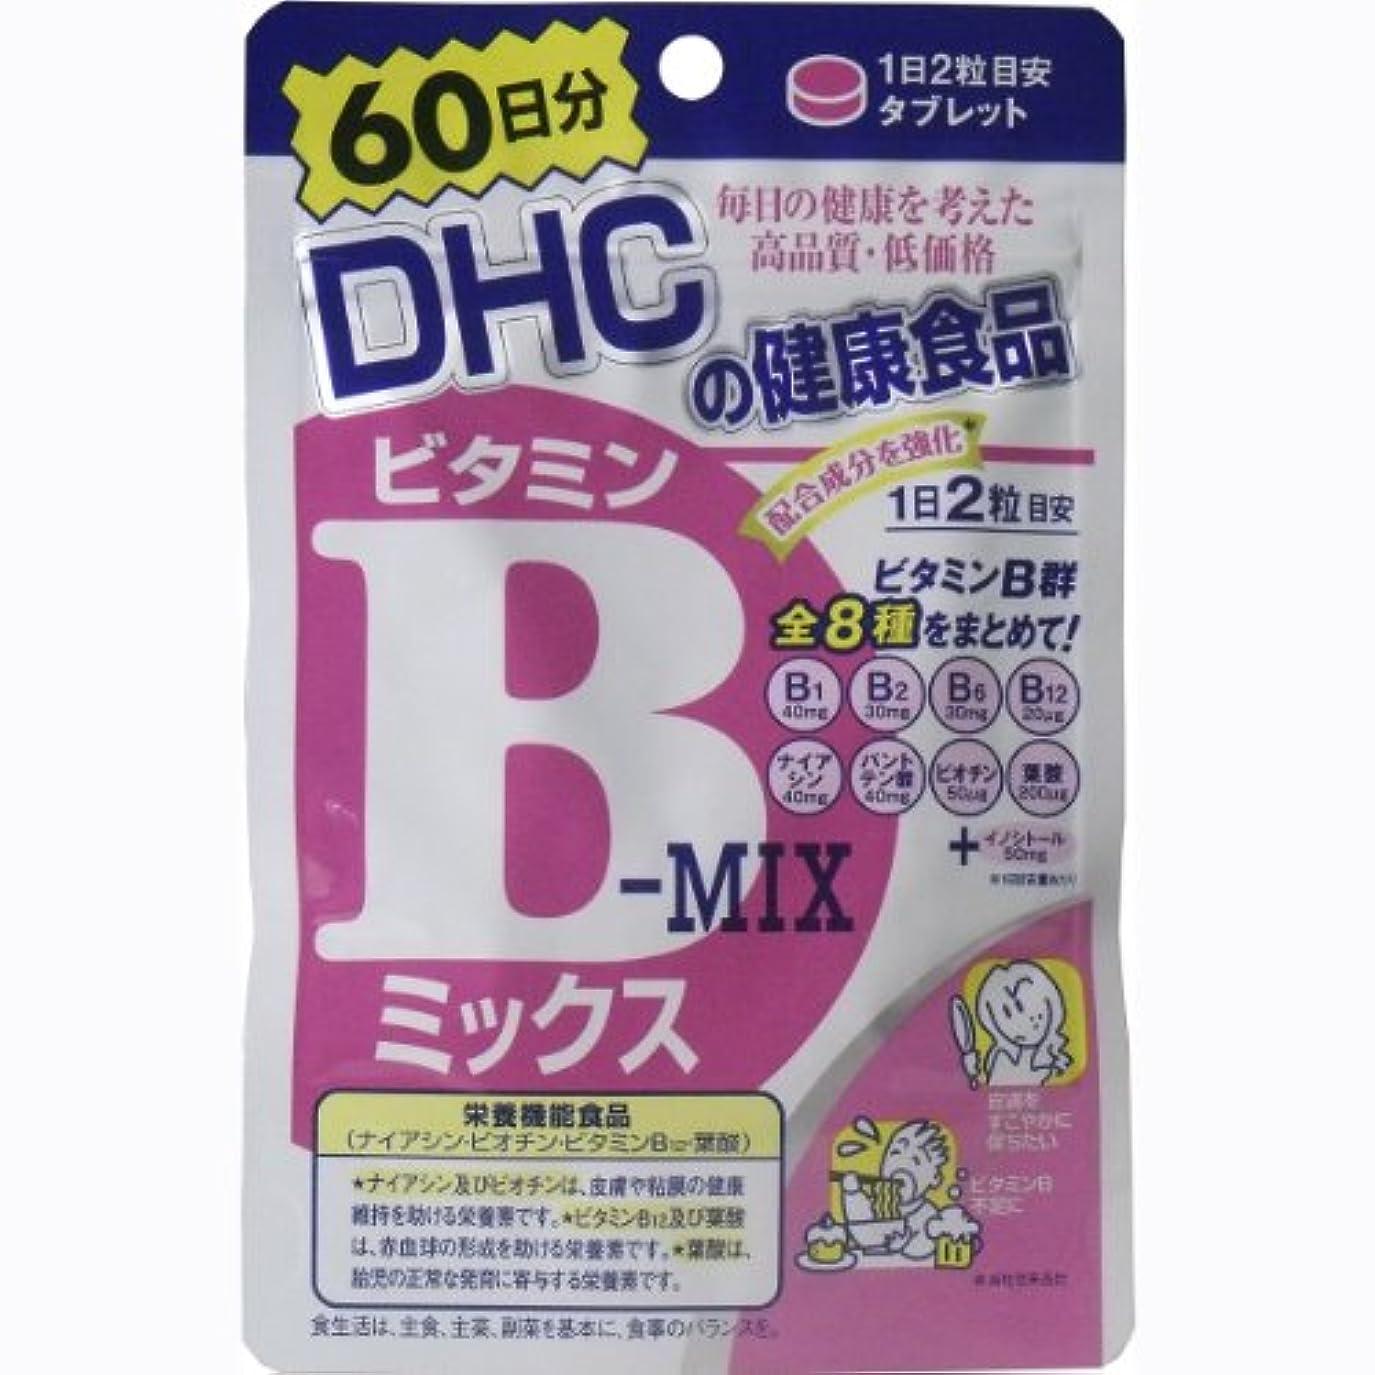 パスタゲスト悪化させるDHC ビタミンBミックス 60日分 120粒 ×6個セット